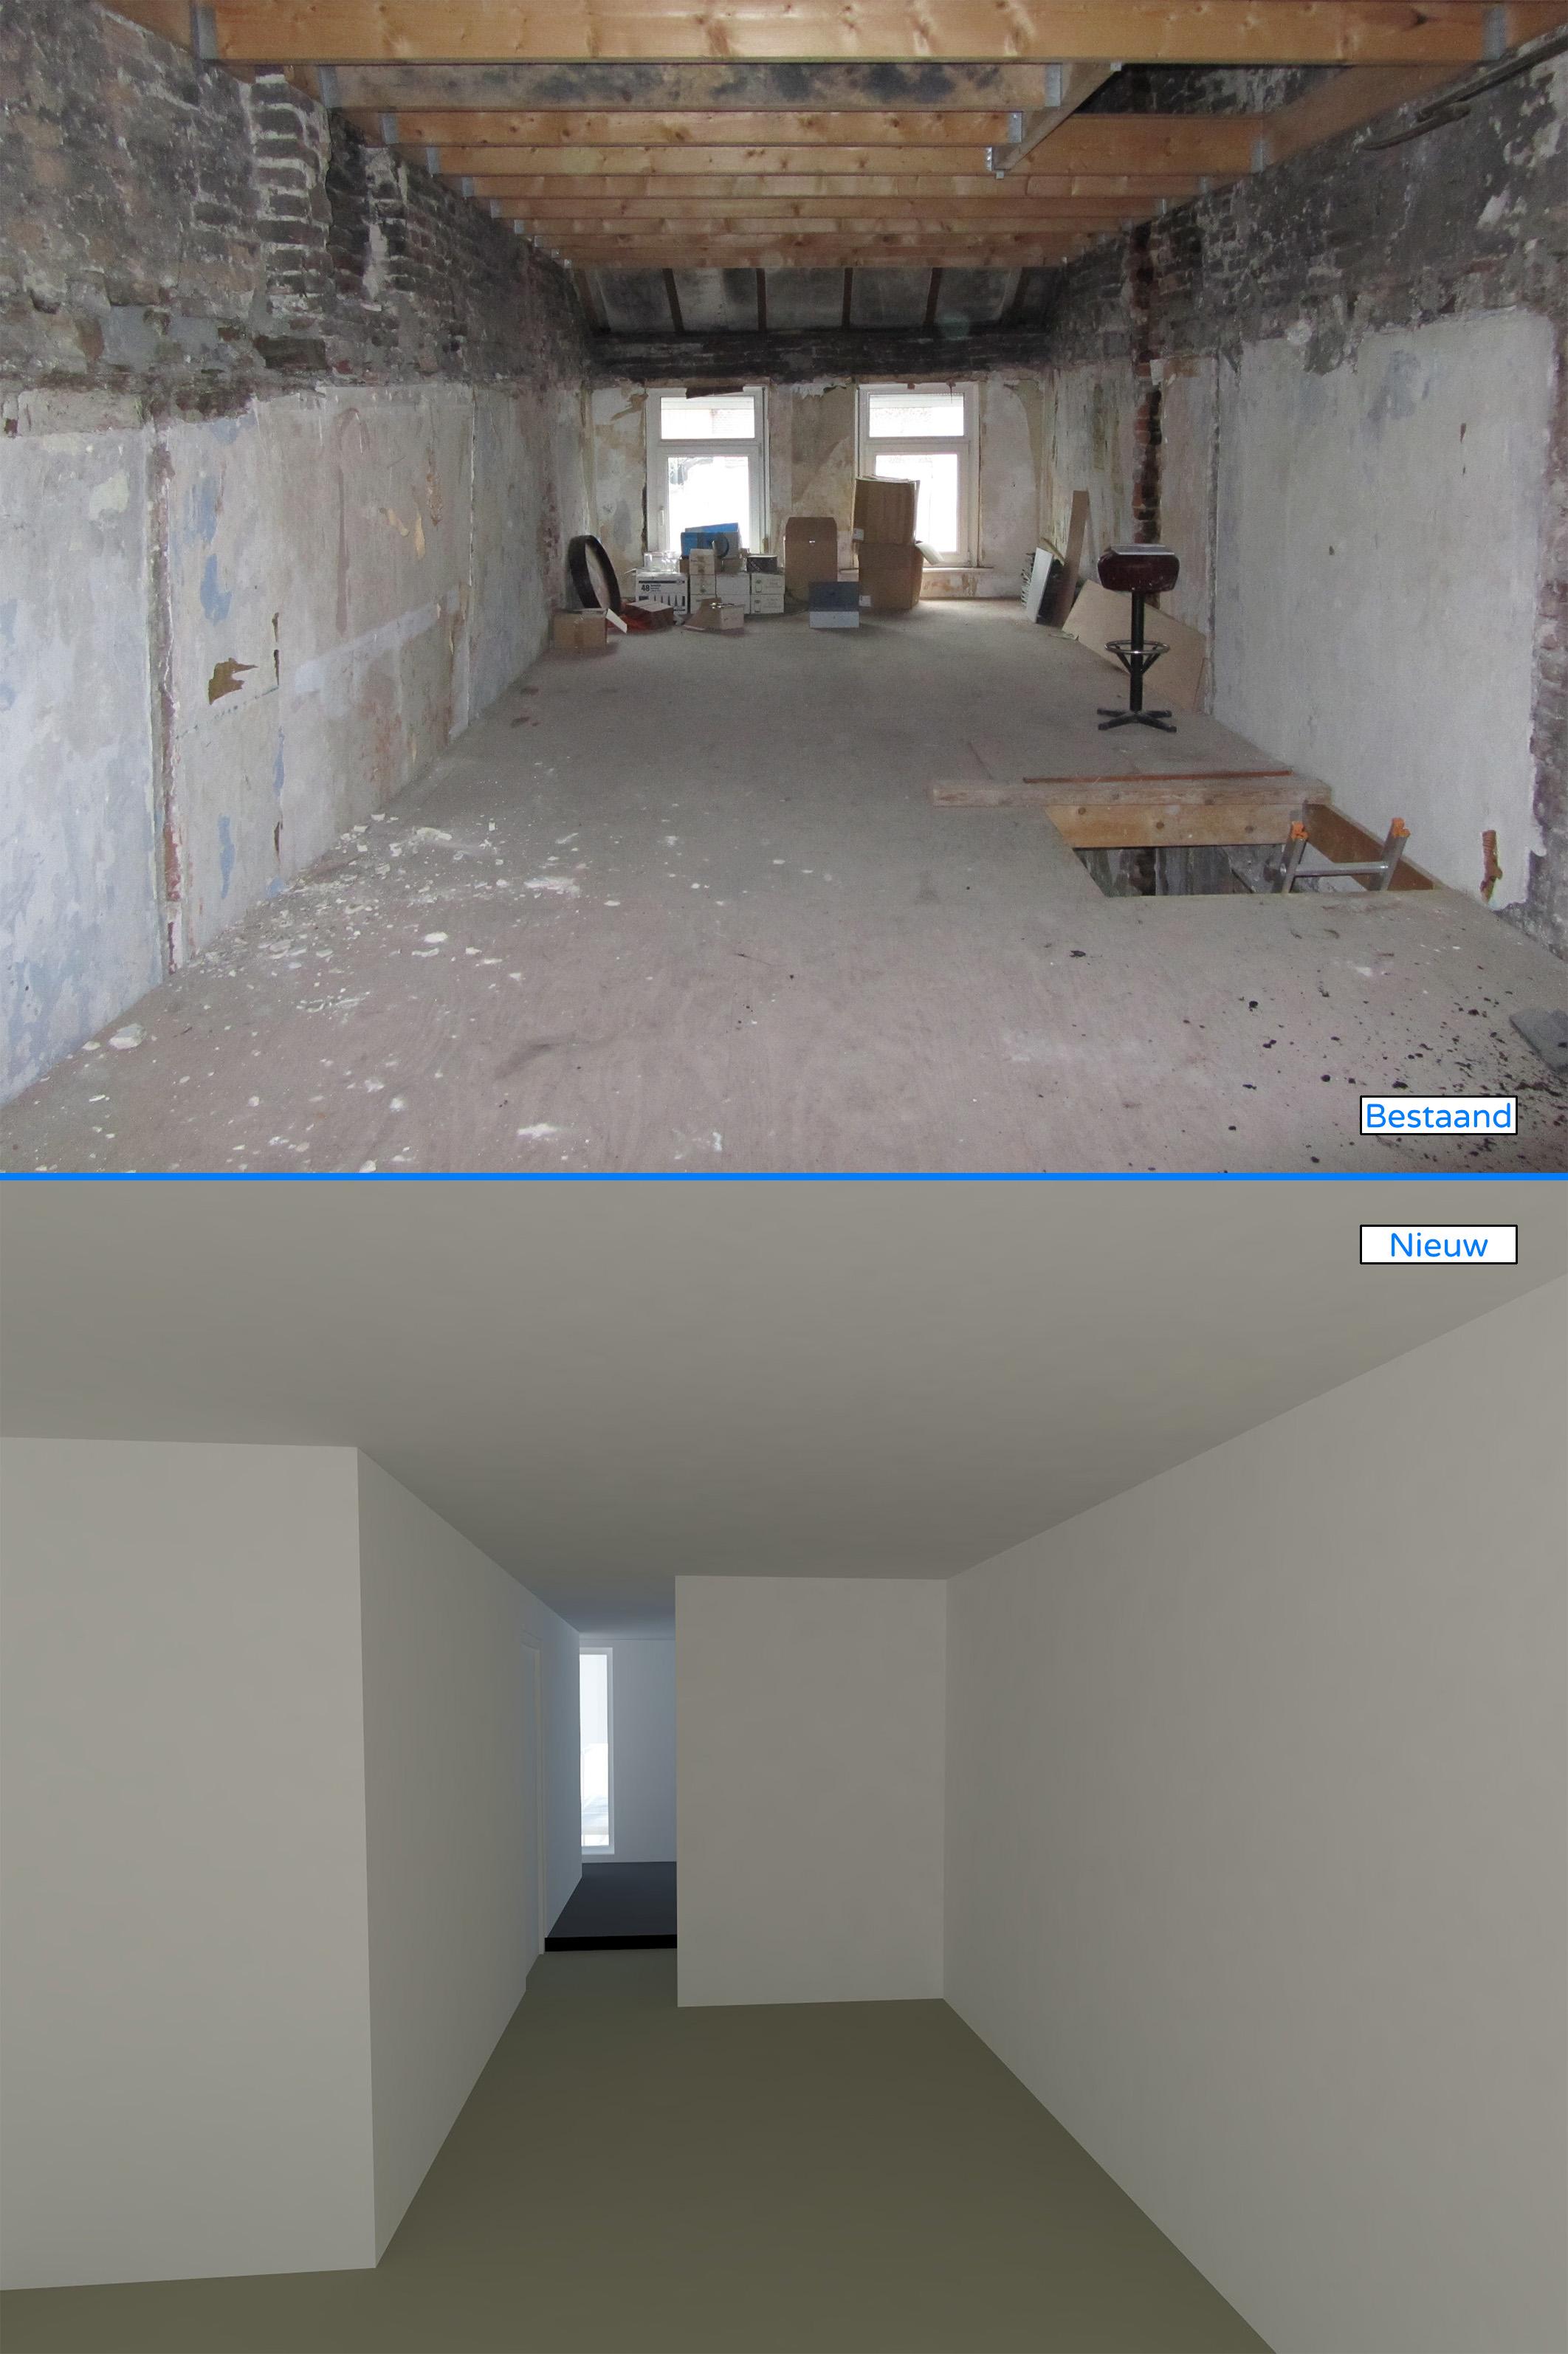 2e verdieping, zicht van slaapkamer naar badkamer